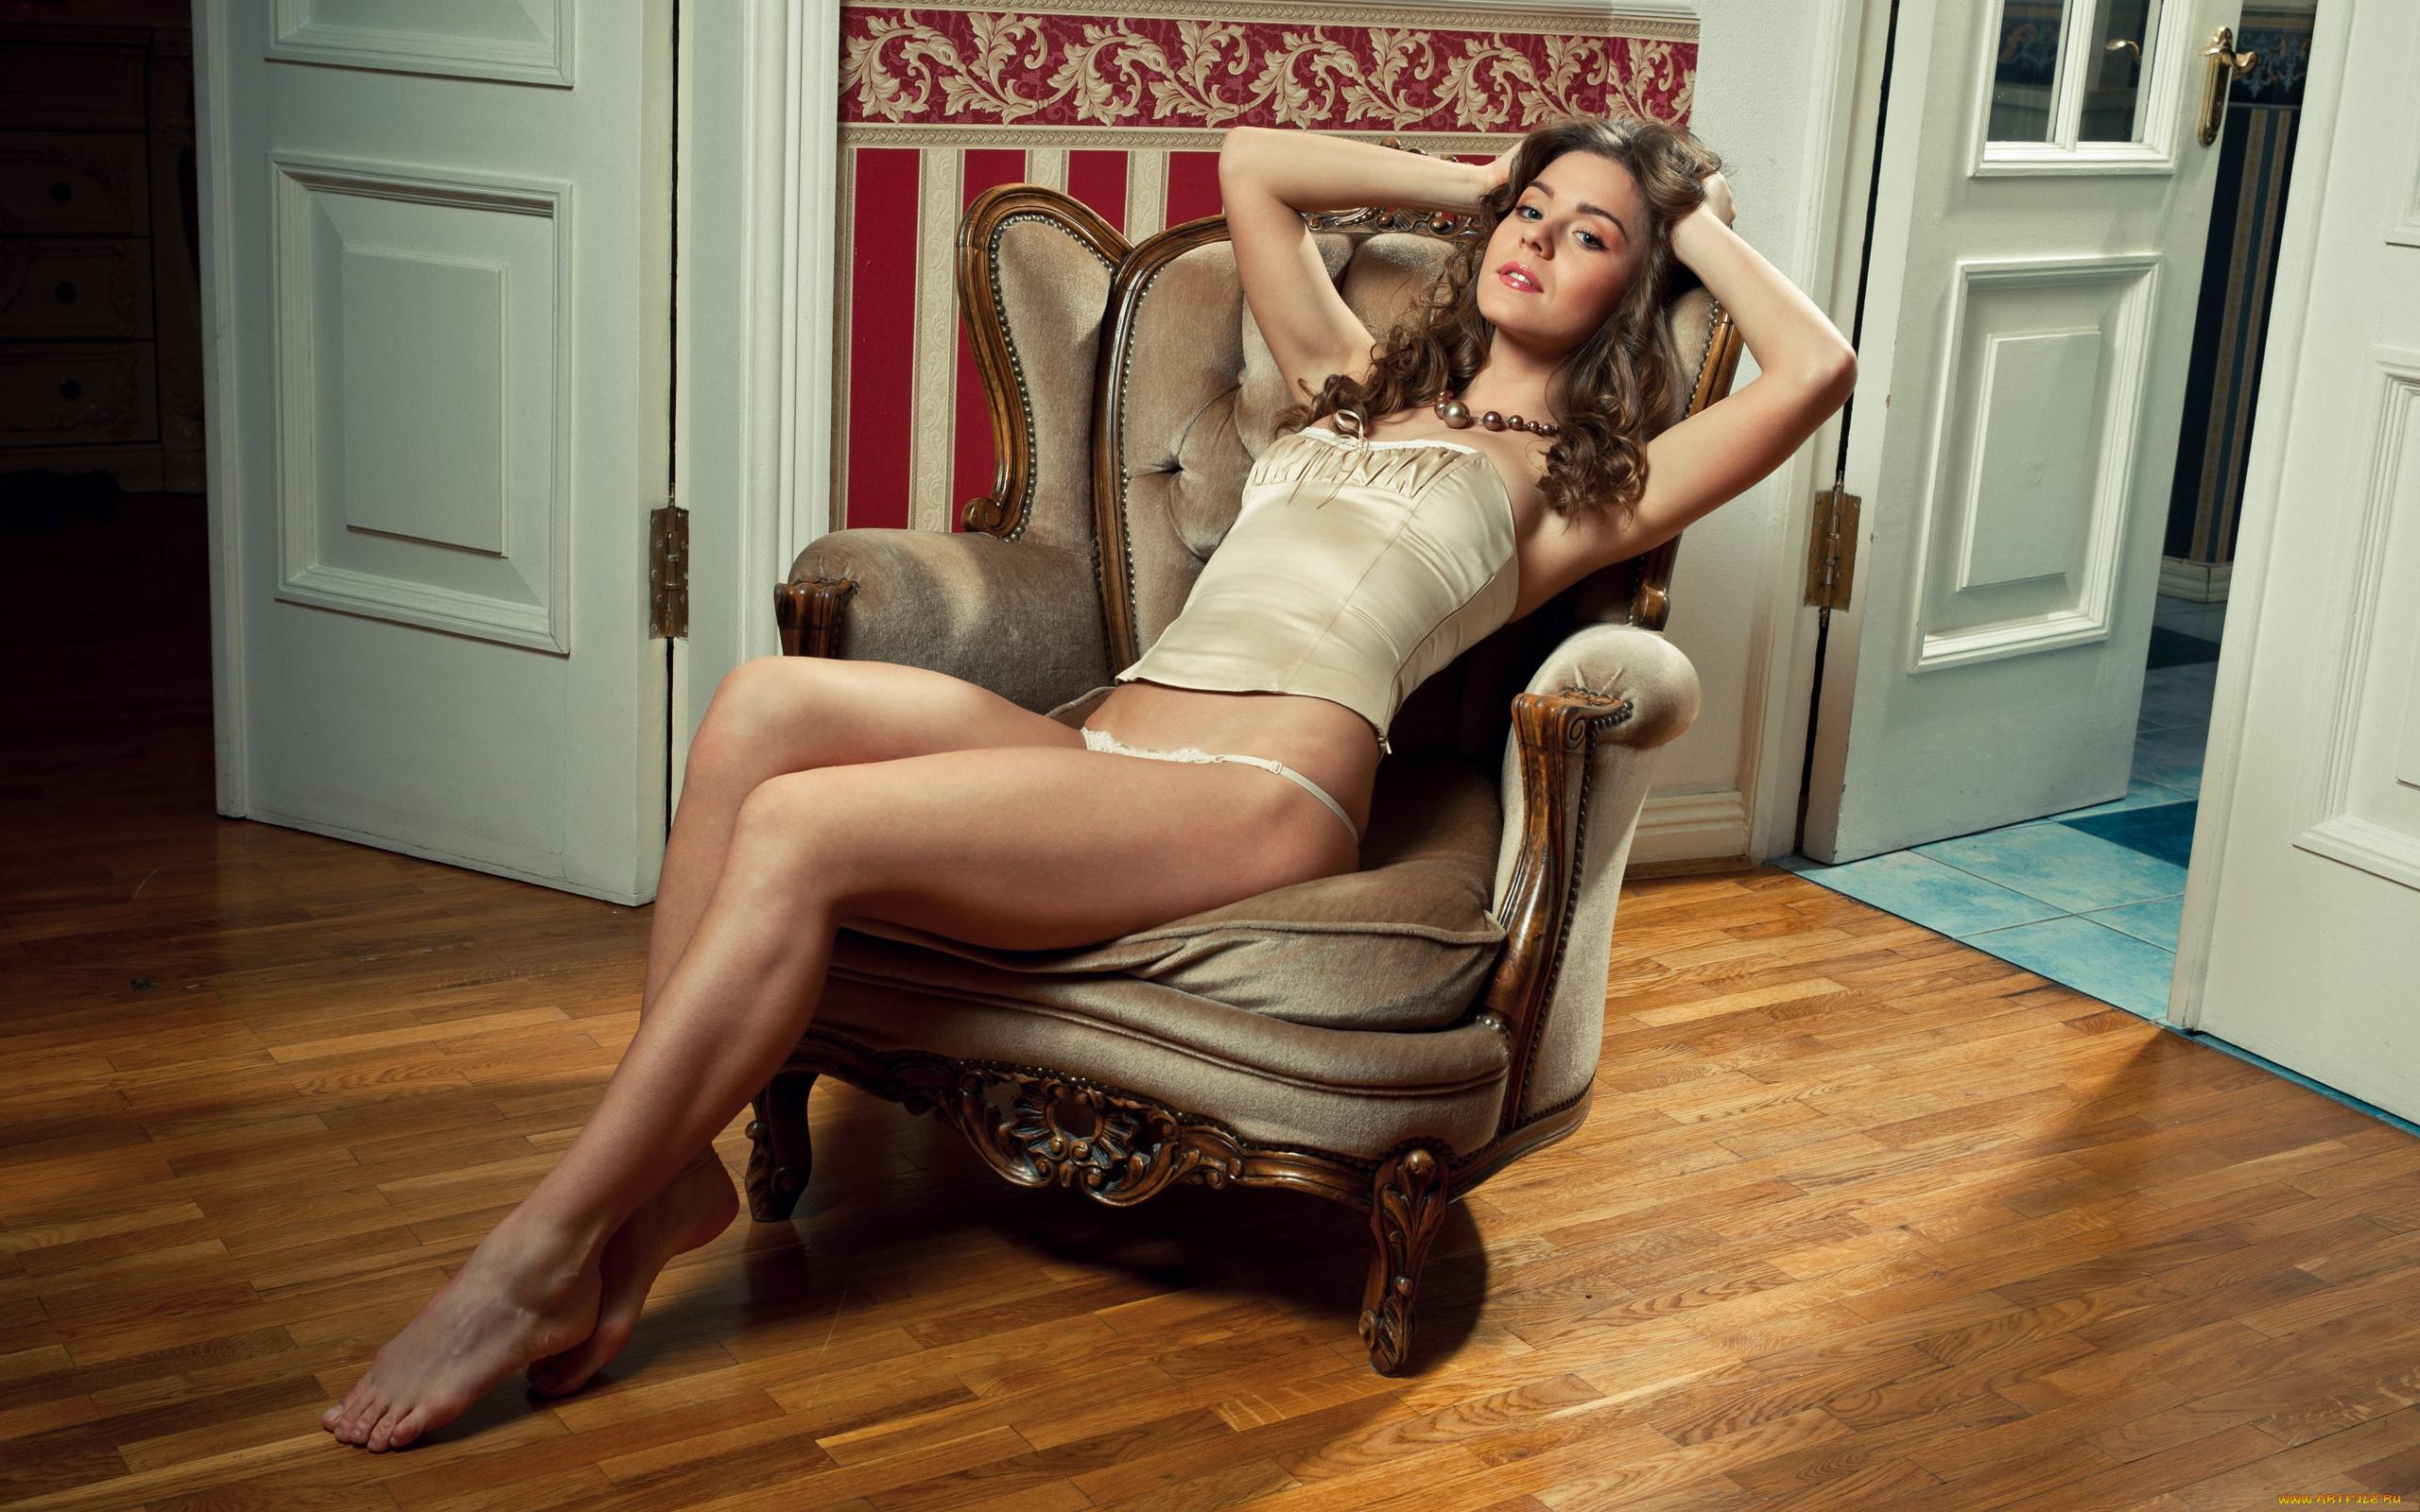 Молодая нежная девушка красиво позирует на камеру в кресле  363195